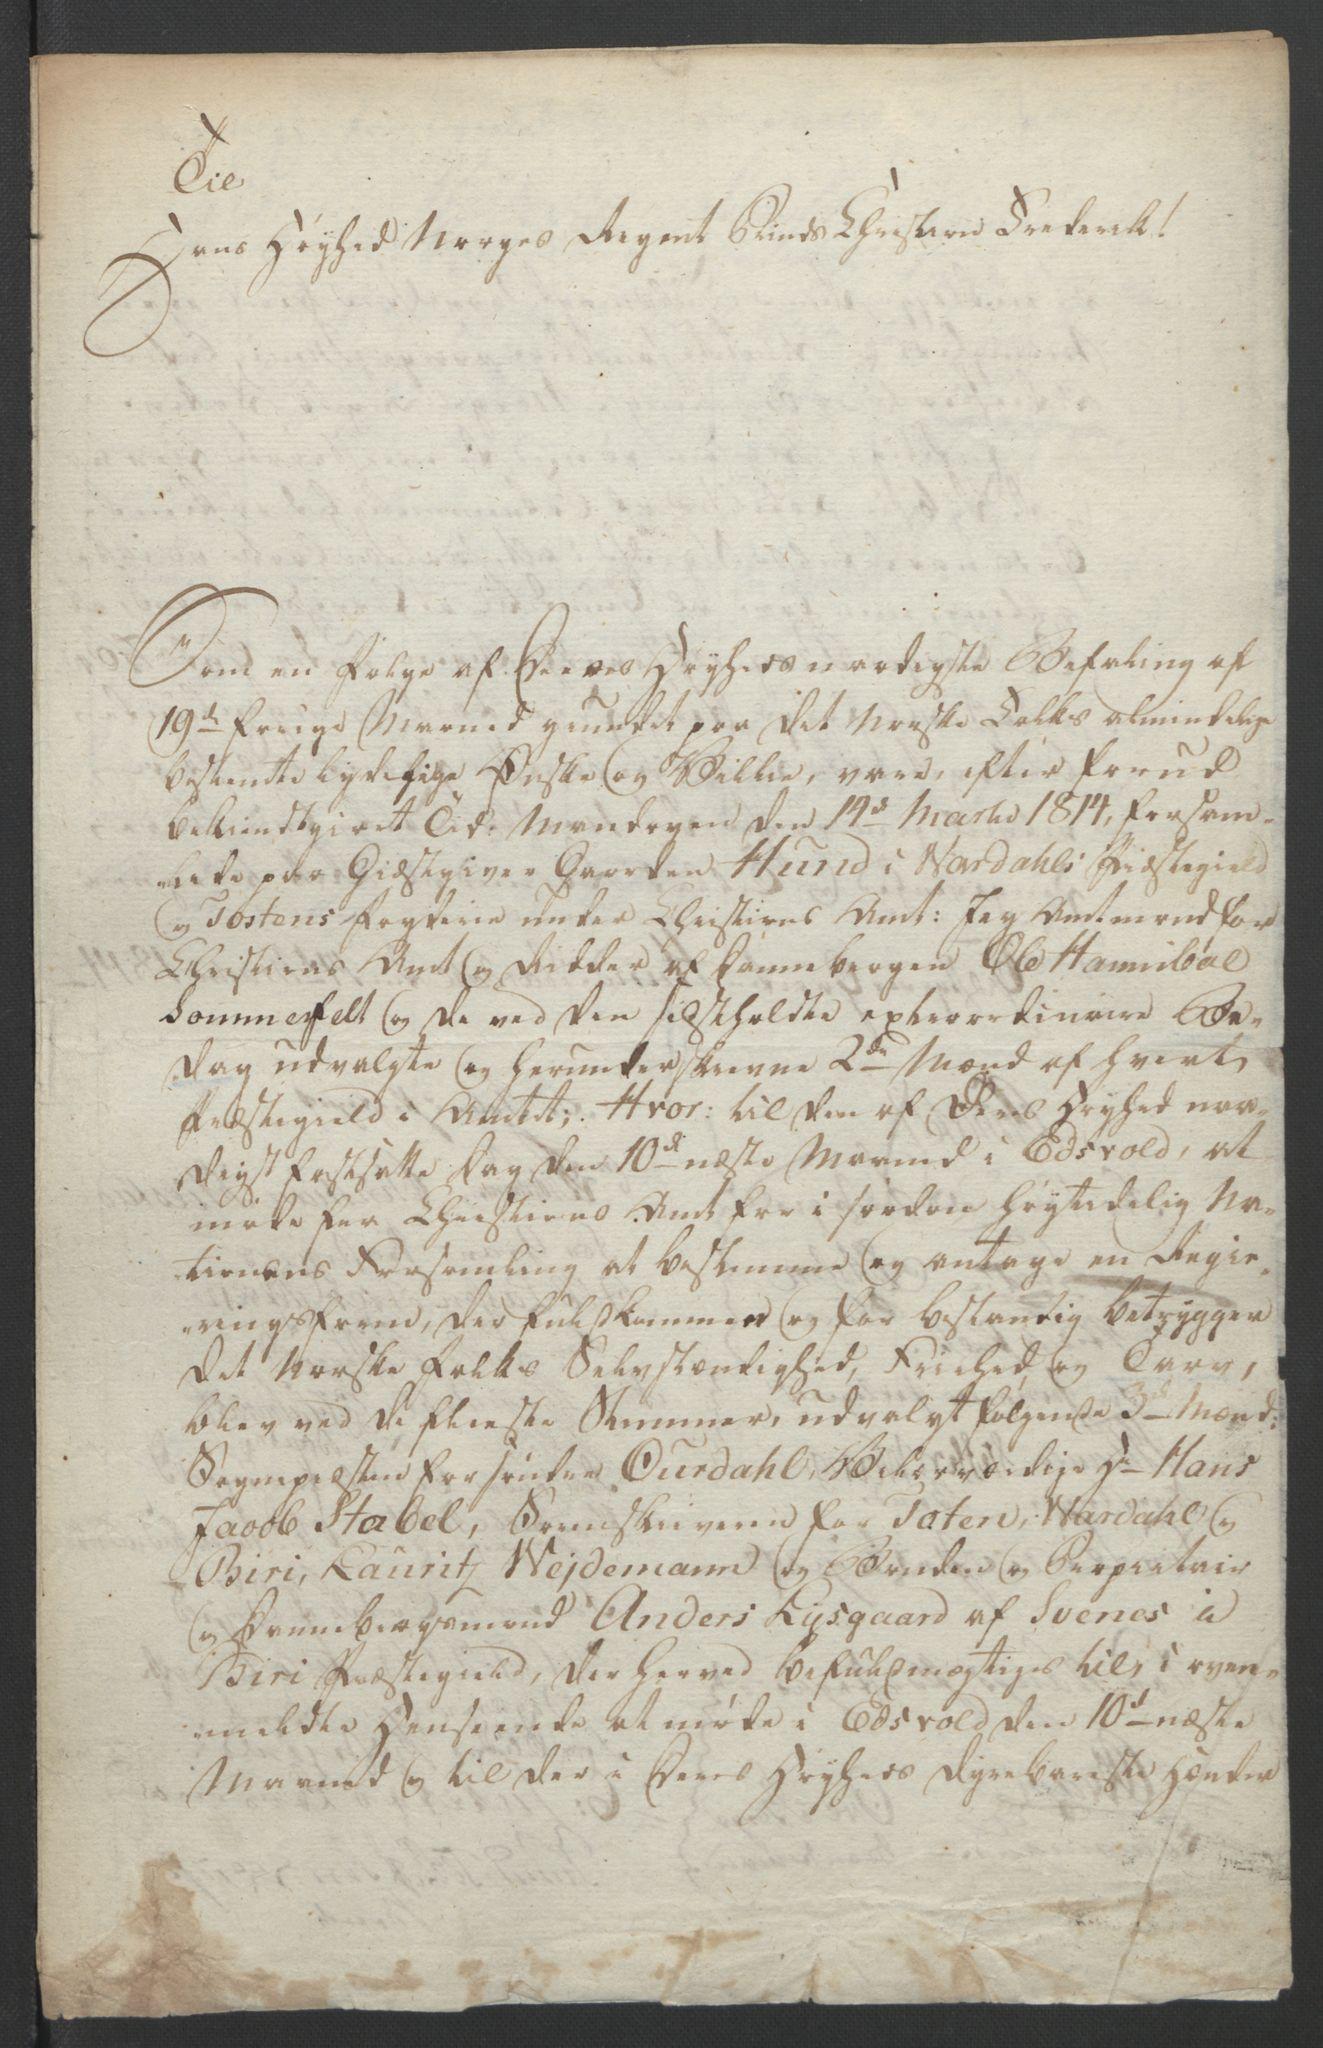 RA, Statsrådssekretariatet, D/Db/L0007: Fullmakter for Eidsvollsrepresentantene i 1814. , 1814, s. 249